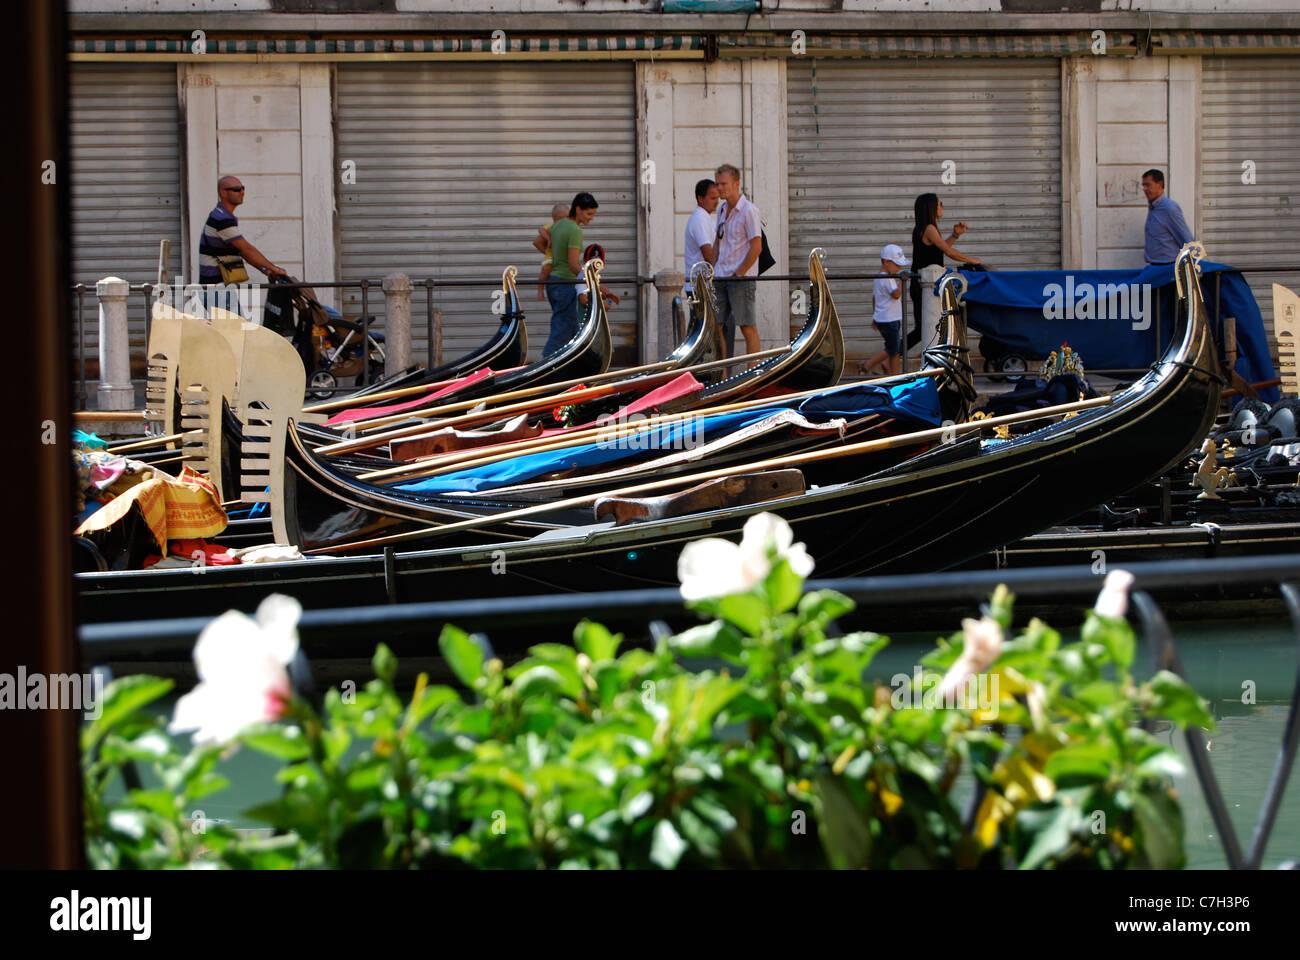 Gondolas moored at Bacino Orseolo - Stock Image